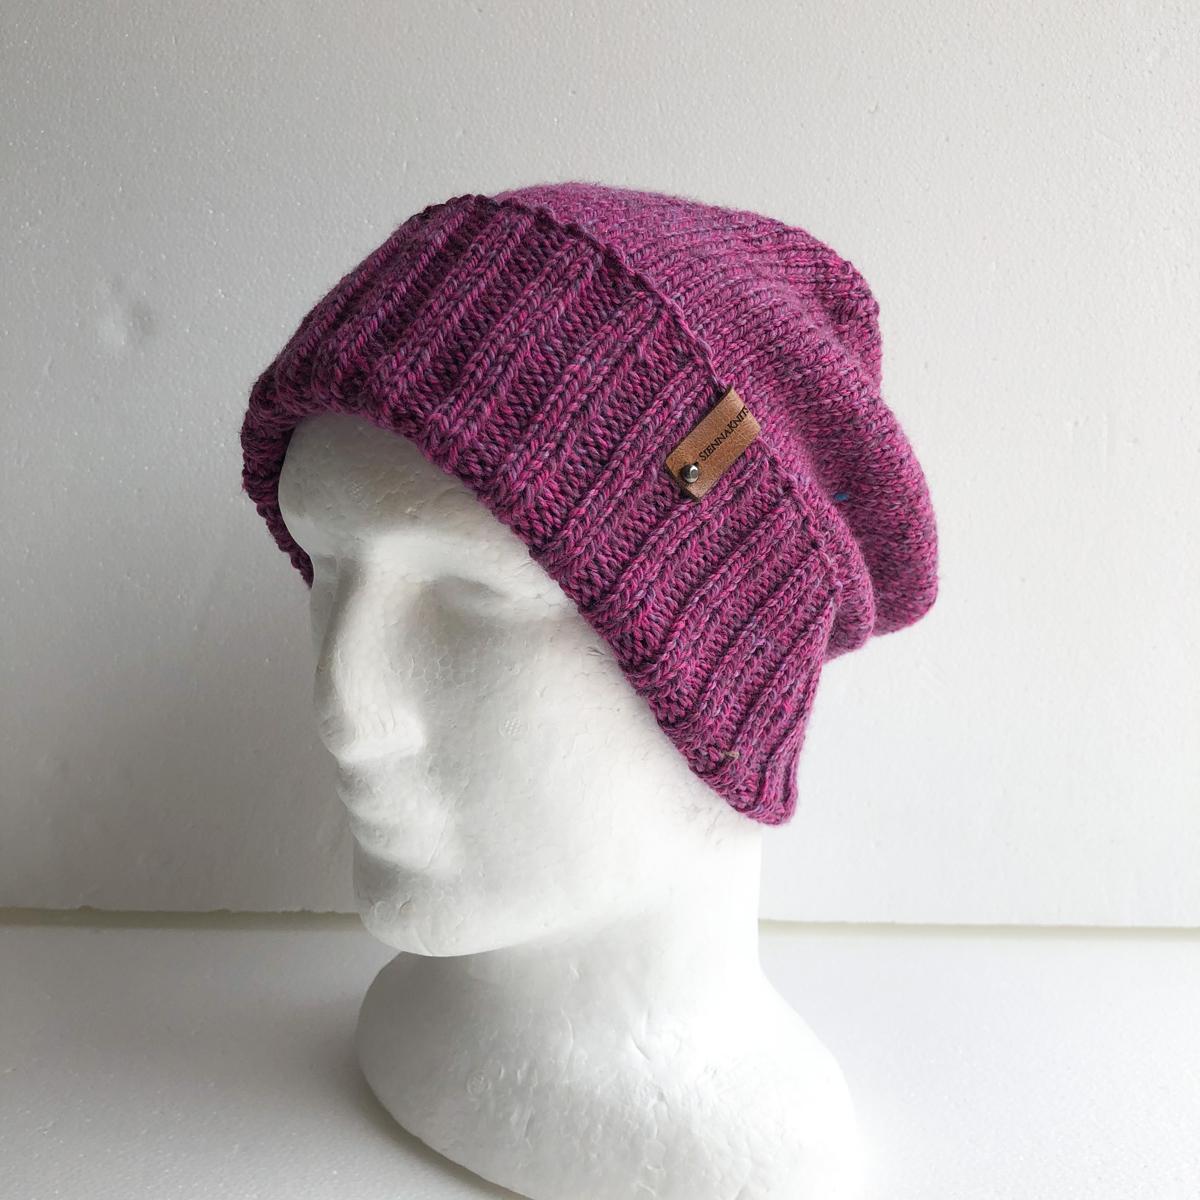 100% Wool Purple Knit Women Beanie With Foldable Brim By SiennaKnits